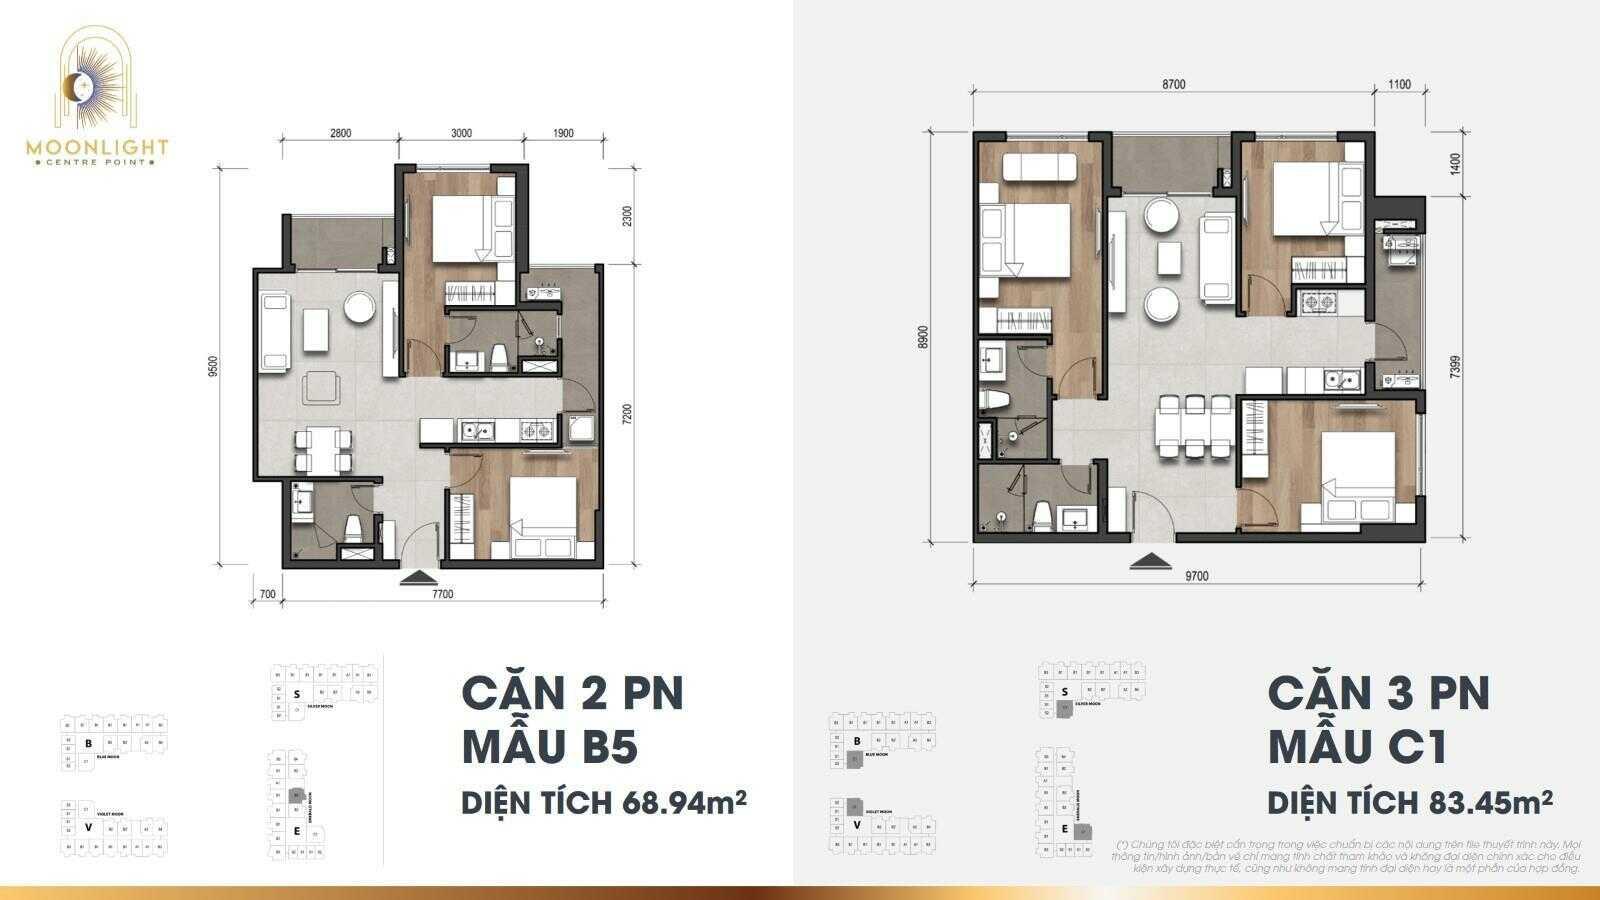 Căn 2-3 phòng ngủ Moonlight Centre Point